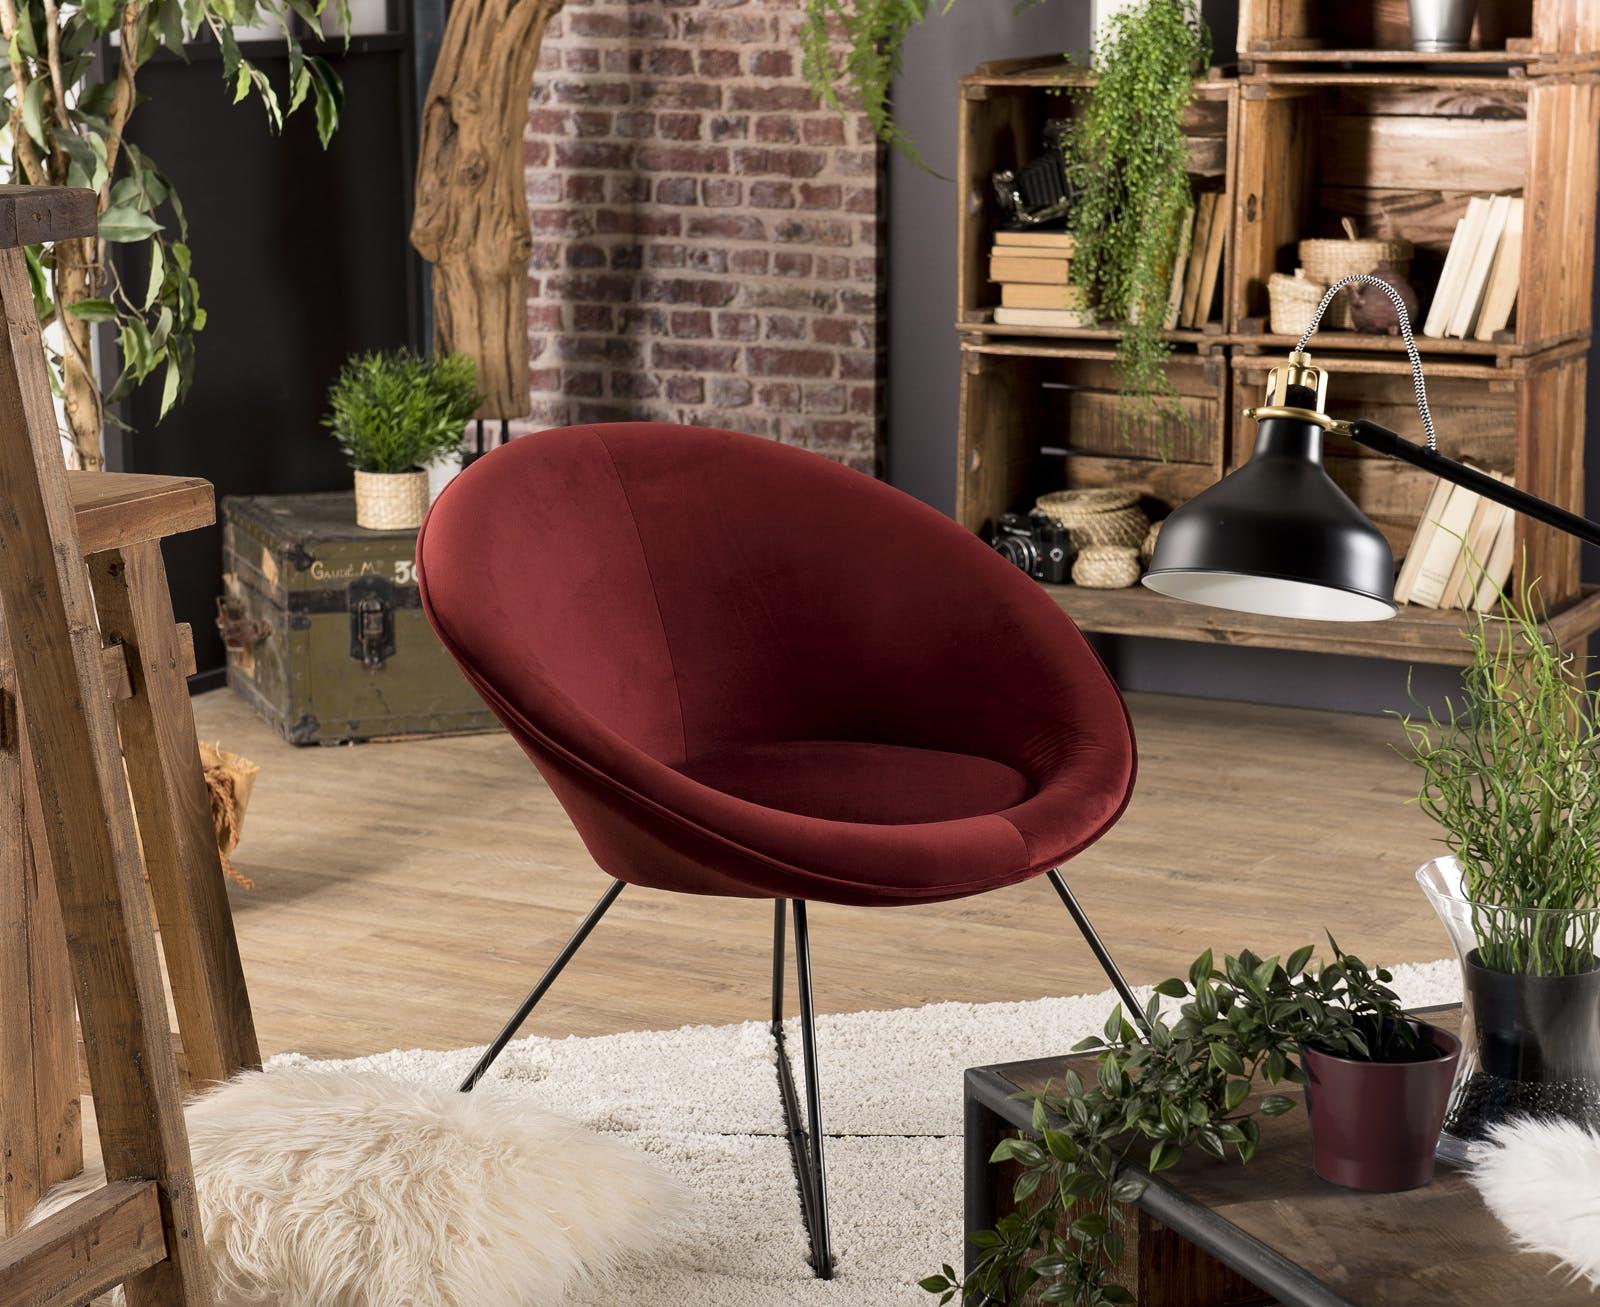 Fauteuil velours rouge bordeaux forme ronde STOCKHOLM